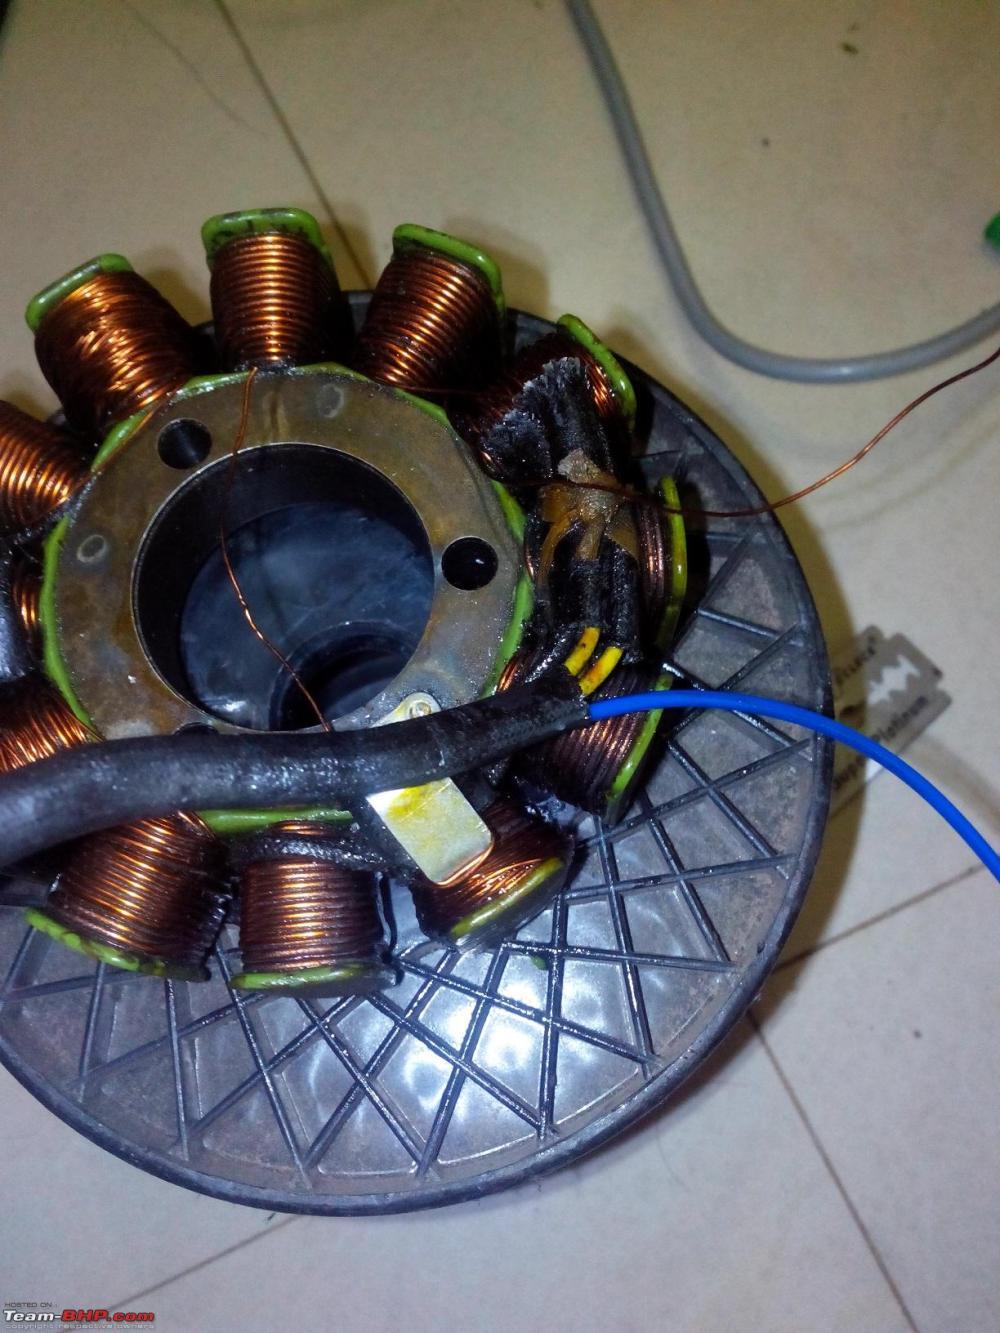 medium resolution of royal enfield 350 electra restoration upgrades img 20140127 223533 jpg